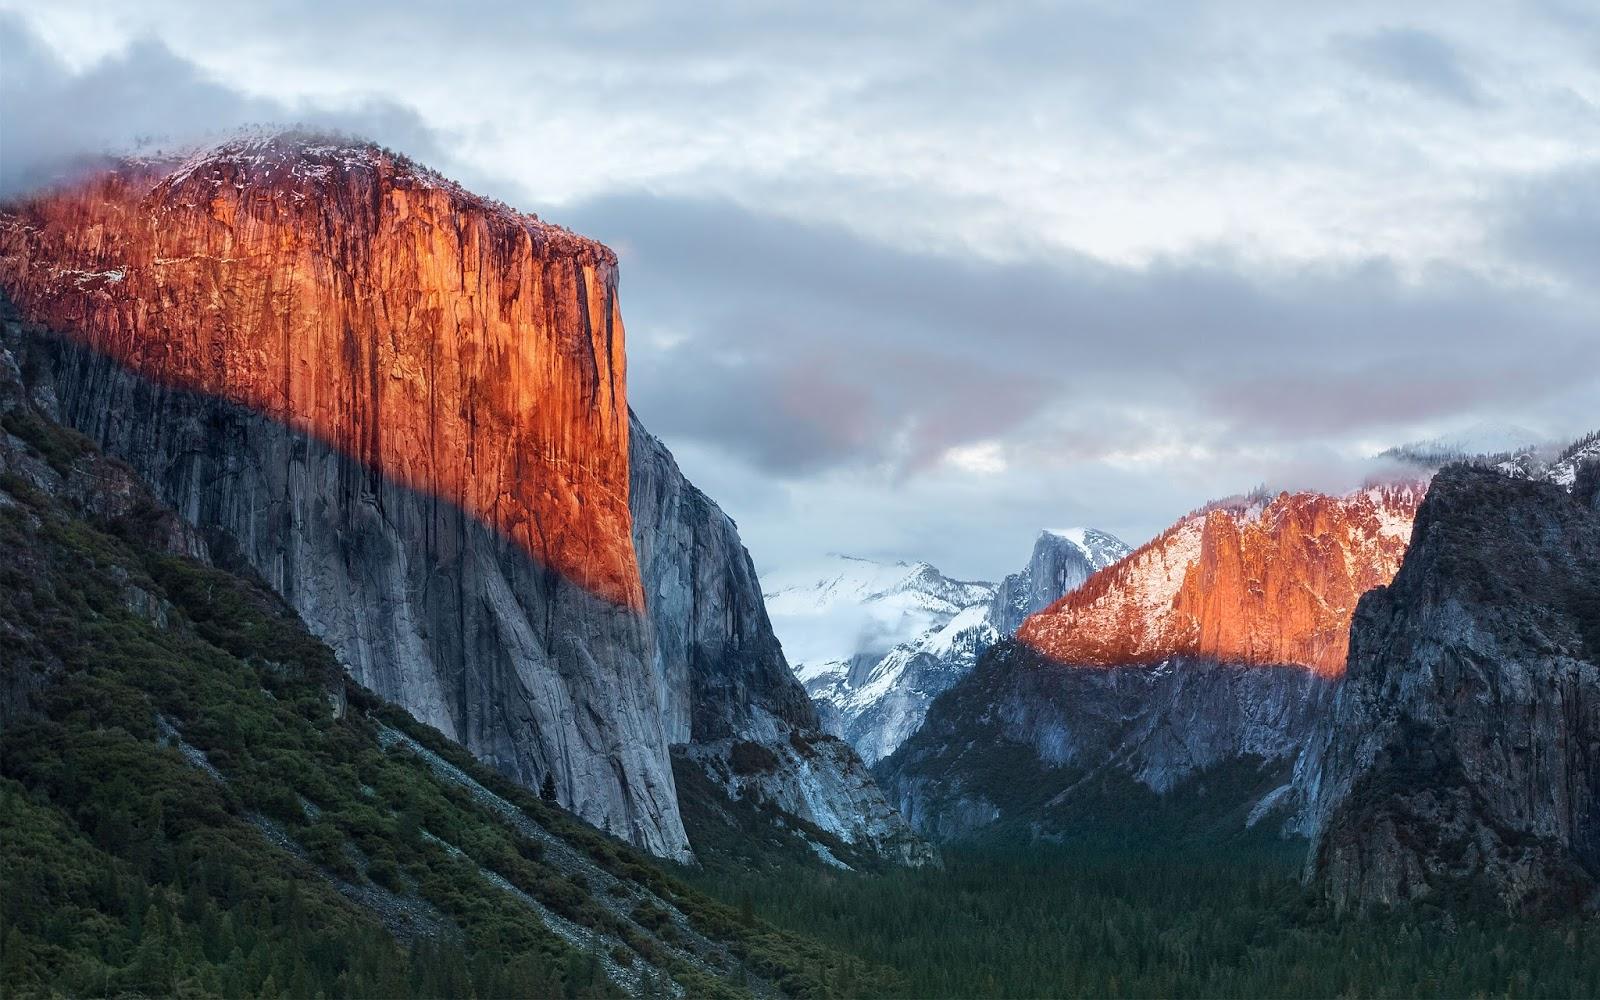 Ảnh Đẹp Thiên Nhiên. Tuyển tập những bức ảnh đẹp thiên nhiên đẹp nhất, những hình ảnh đẹp về thiên nhiên, hình thiên nhiên đẹp \u2026